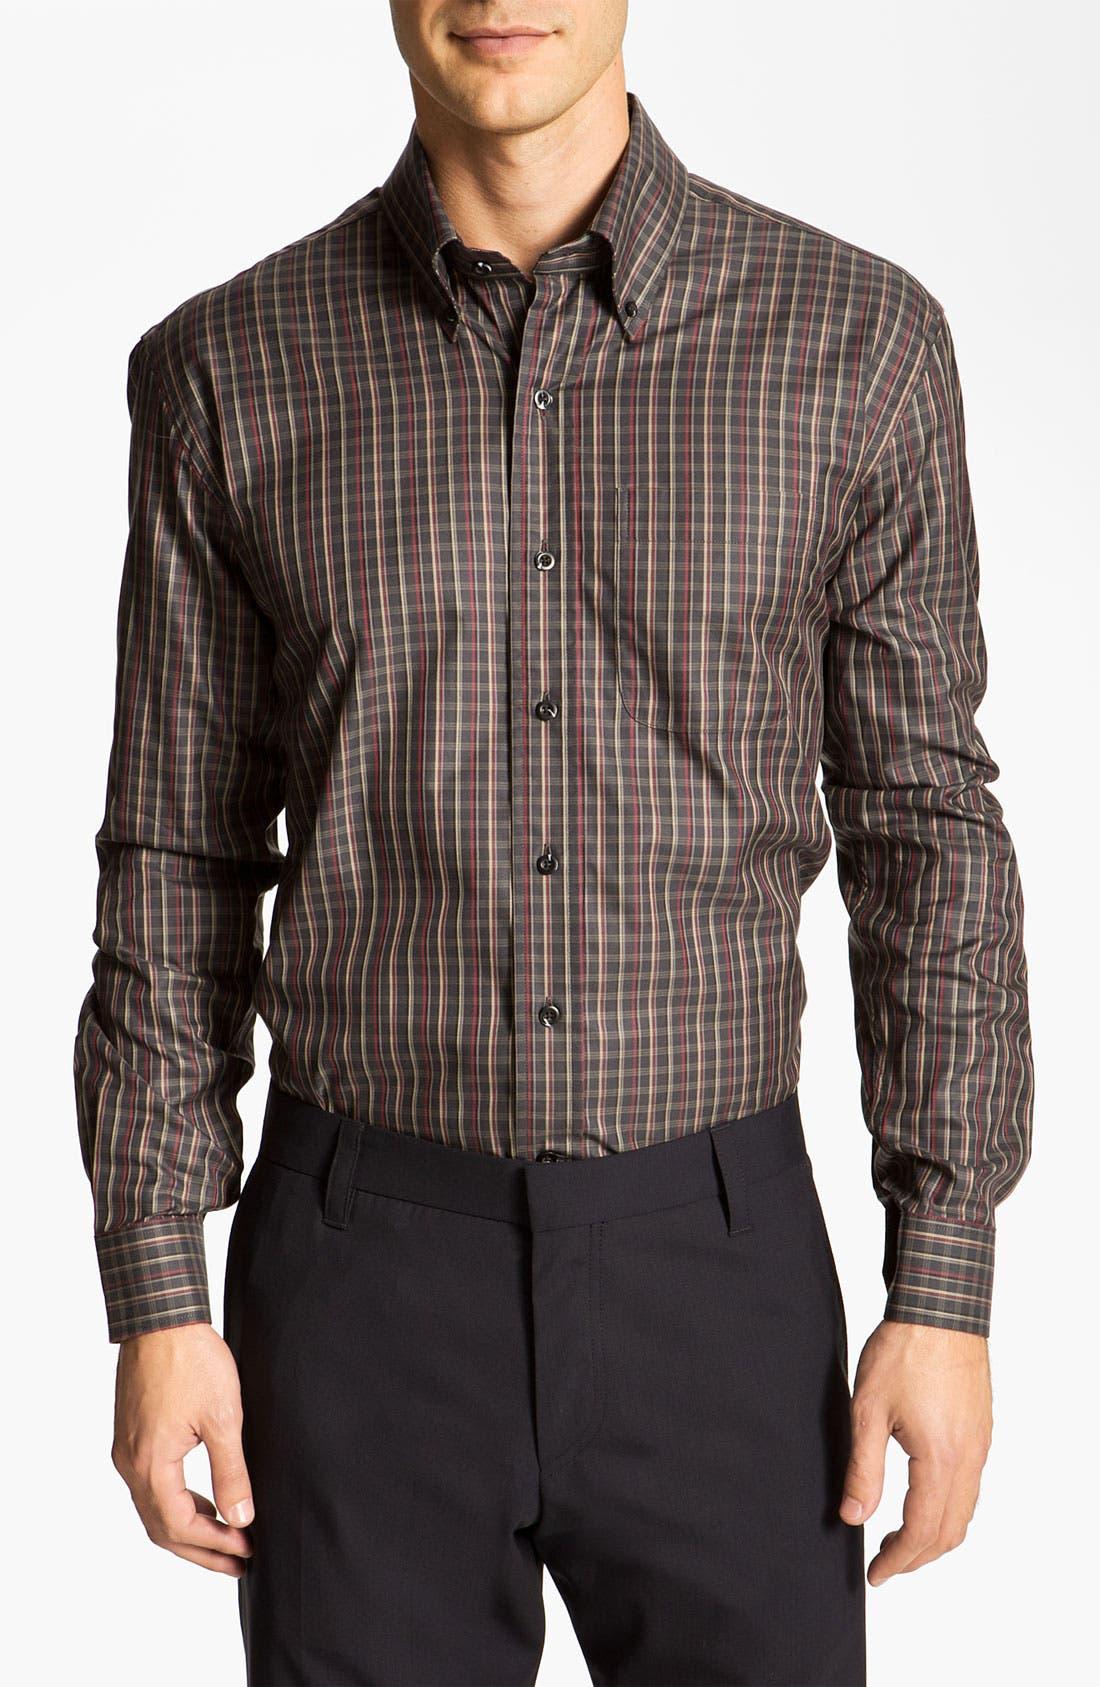 Alternate Image 1 Selected - Cutter & Buck 'Kennewick' Plaid Sport Shirt